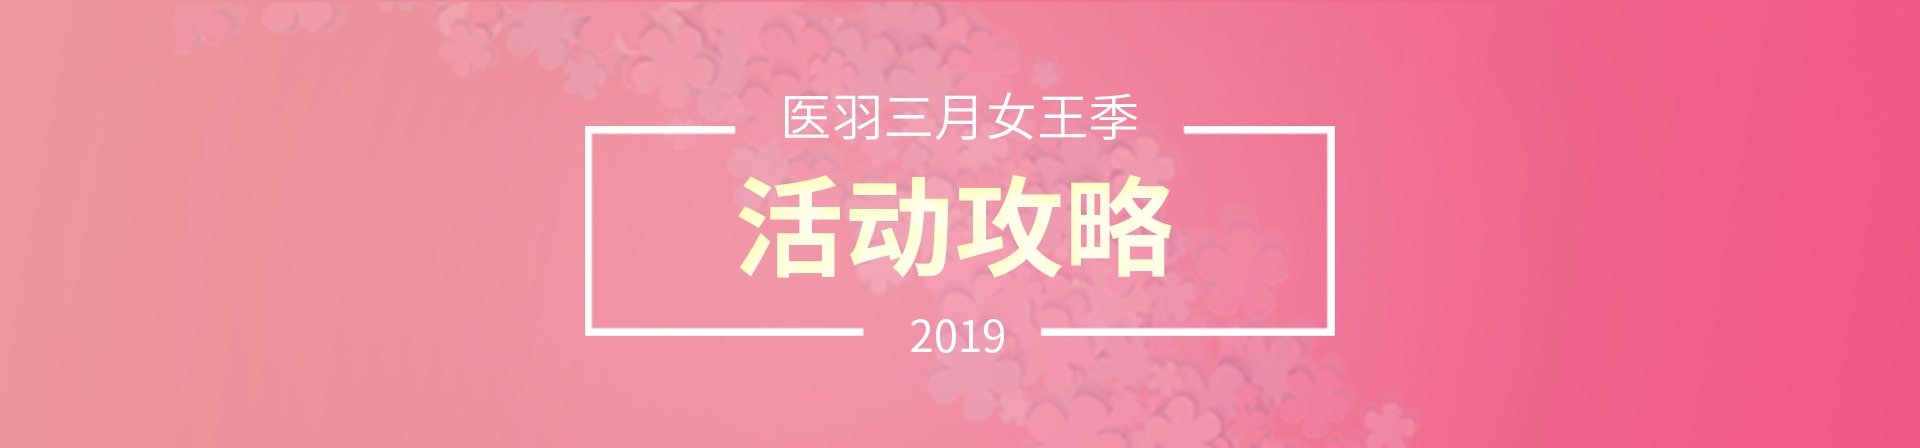 医羽38女王节活动攻略